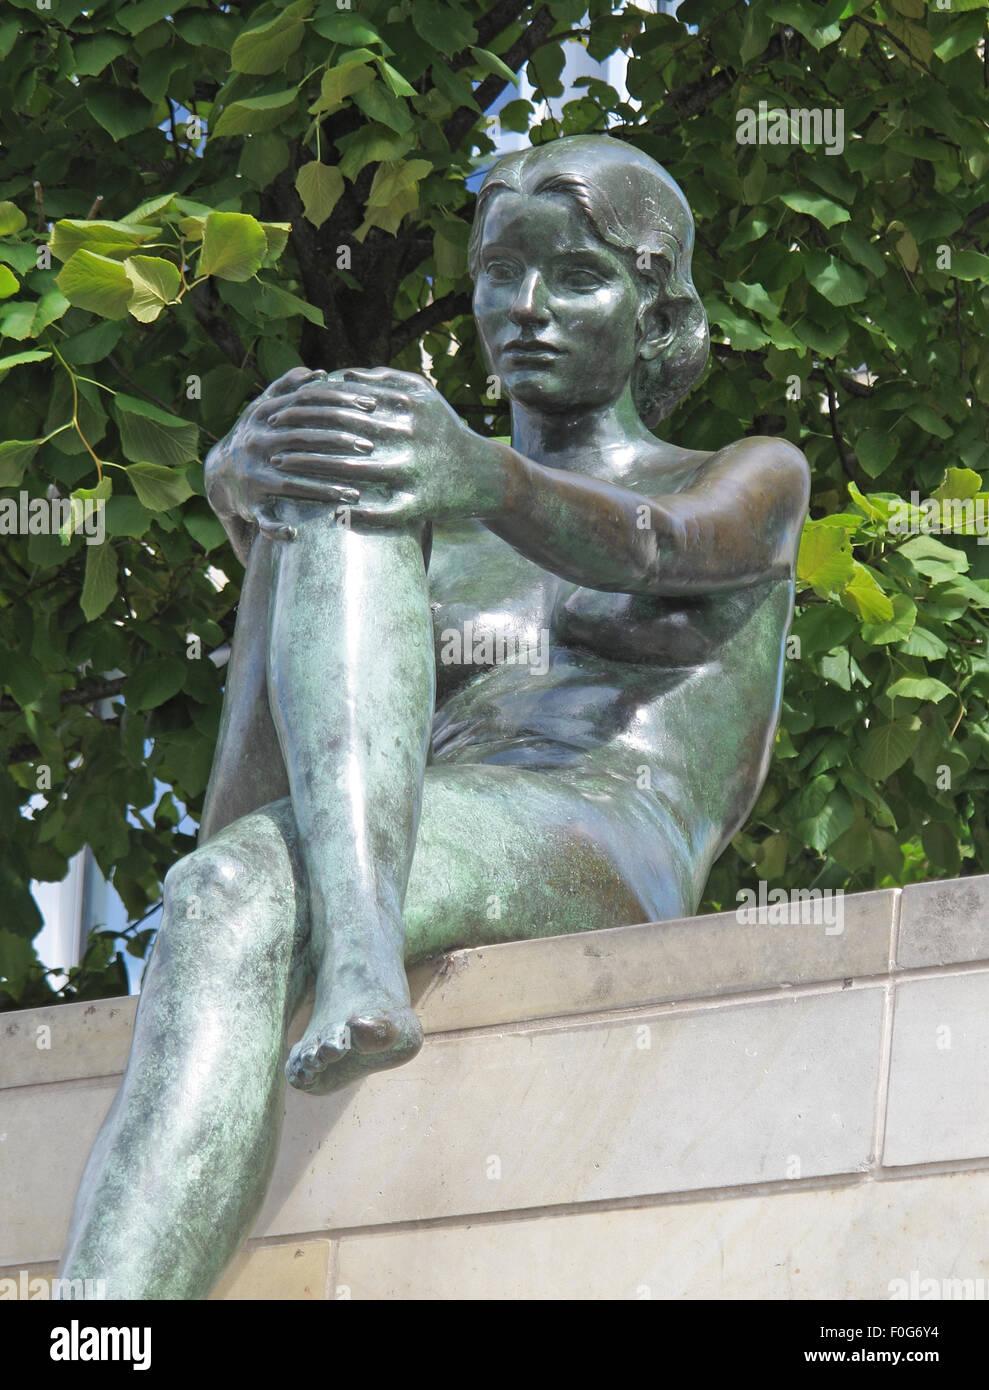 Laden Sie dieses Alamy Stockfoto Drei Mädchen und ein Junge von Wilfried Fitzenreiter - Statue durch die Spree entlang, Moabit, Berlin, Deutschland, liegend - F0G6Y4